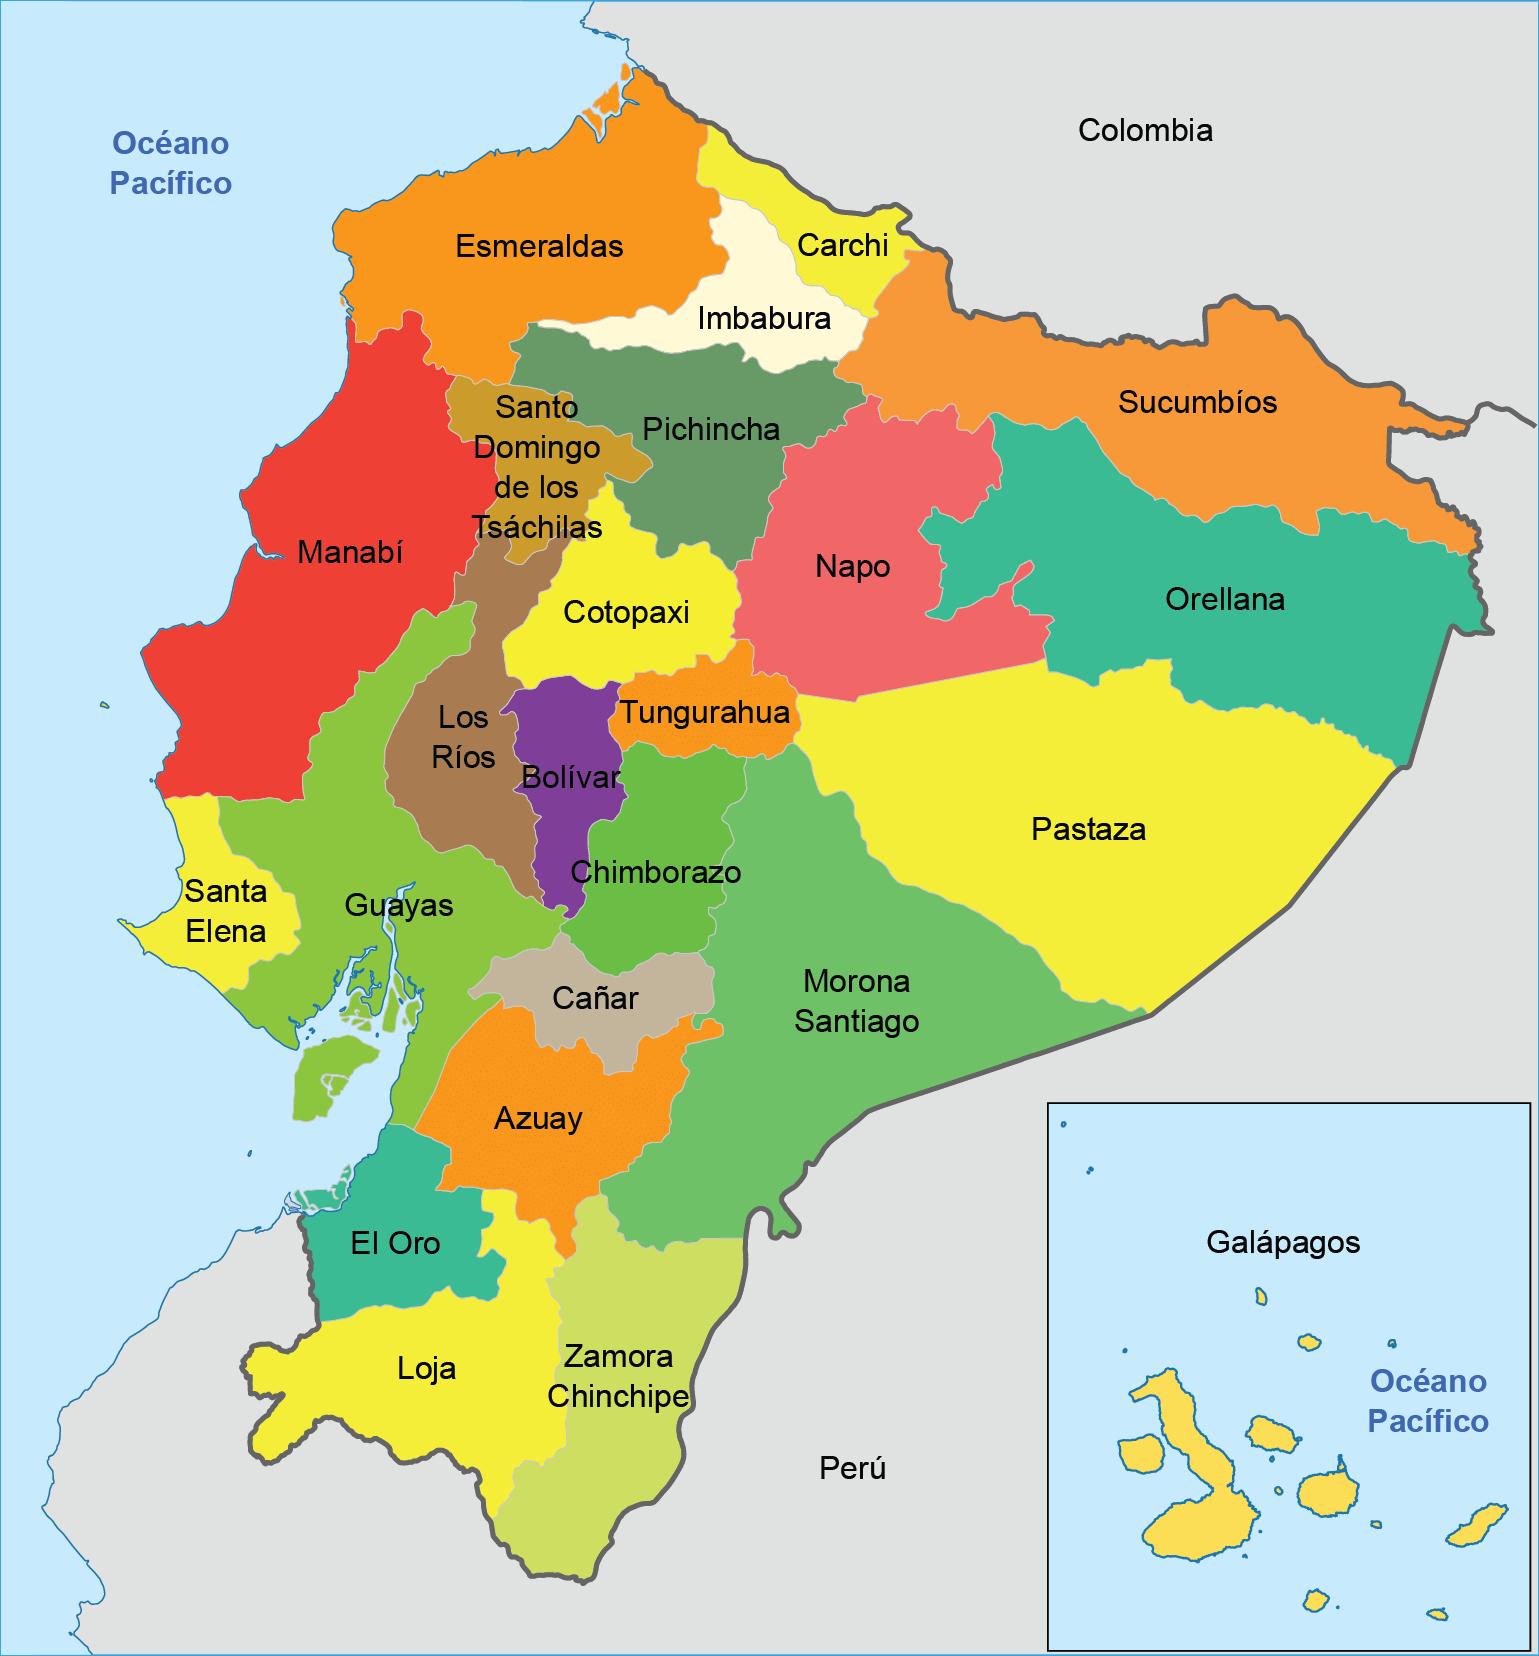 Ecuador Mapa Del Mundo.Mapa Del Ecuador Con Sus Provincias Buscar Con Google Ecuador Map Natural Phenomena Map